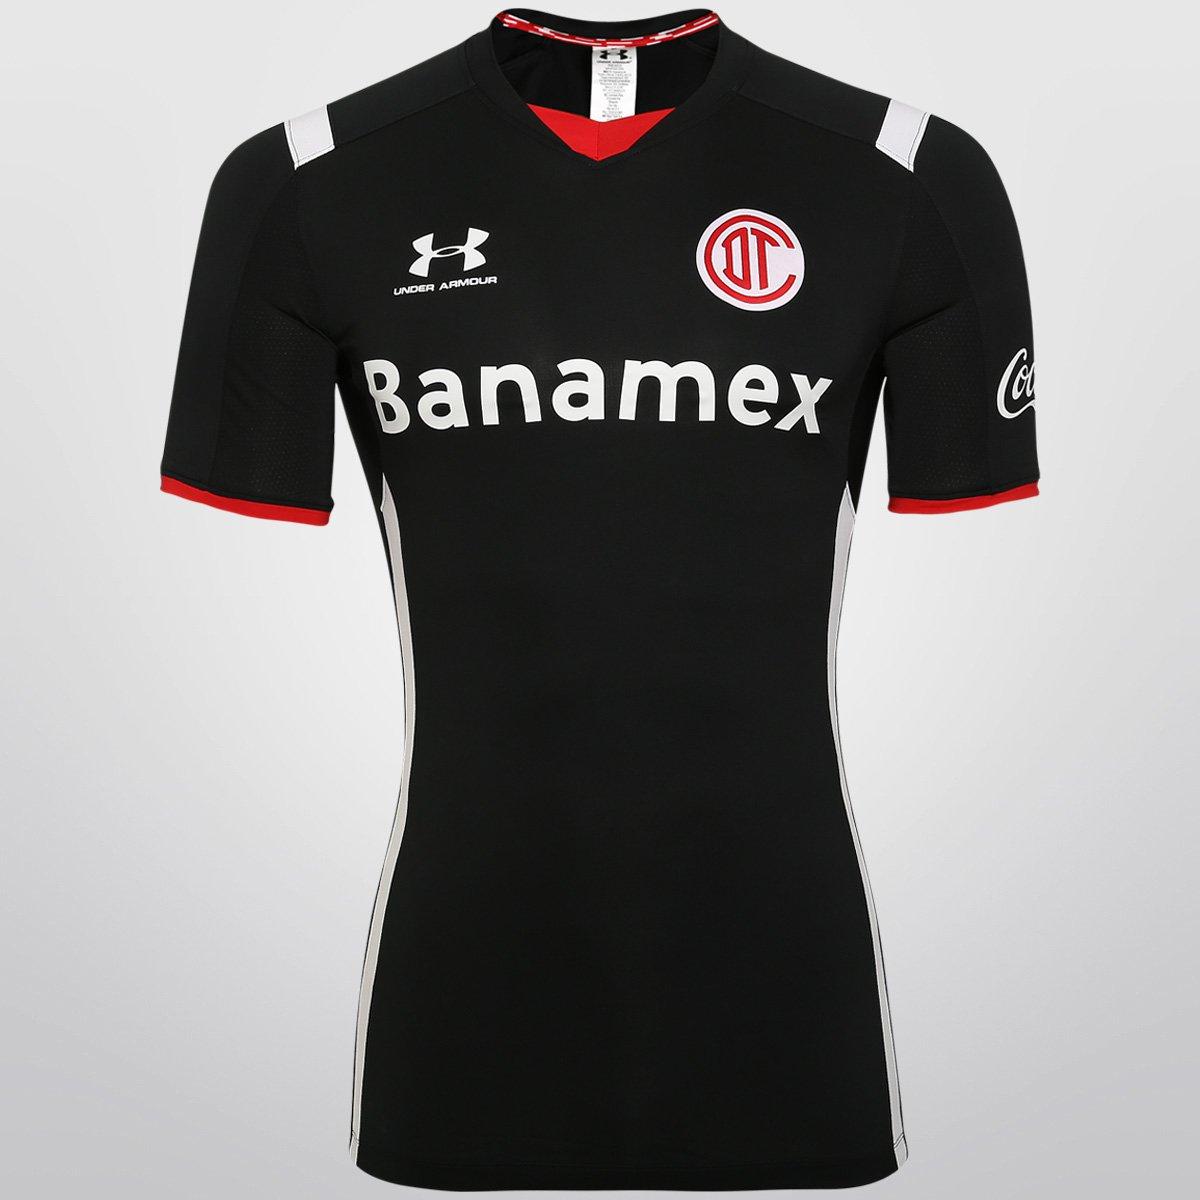 03350a9803 Camisa Under Armour Toluca Third 15 16 s nº - Compre Agora